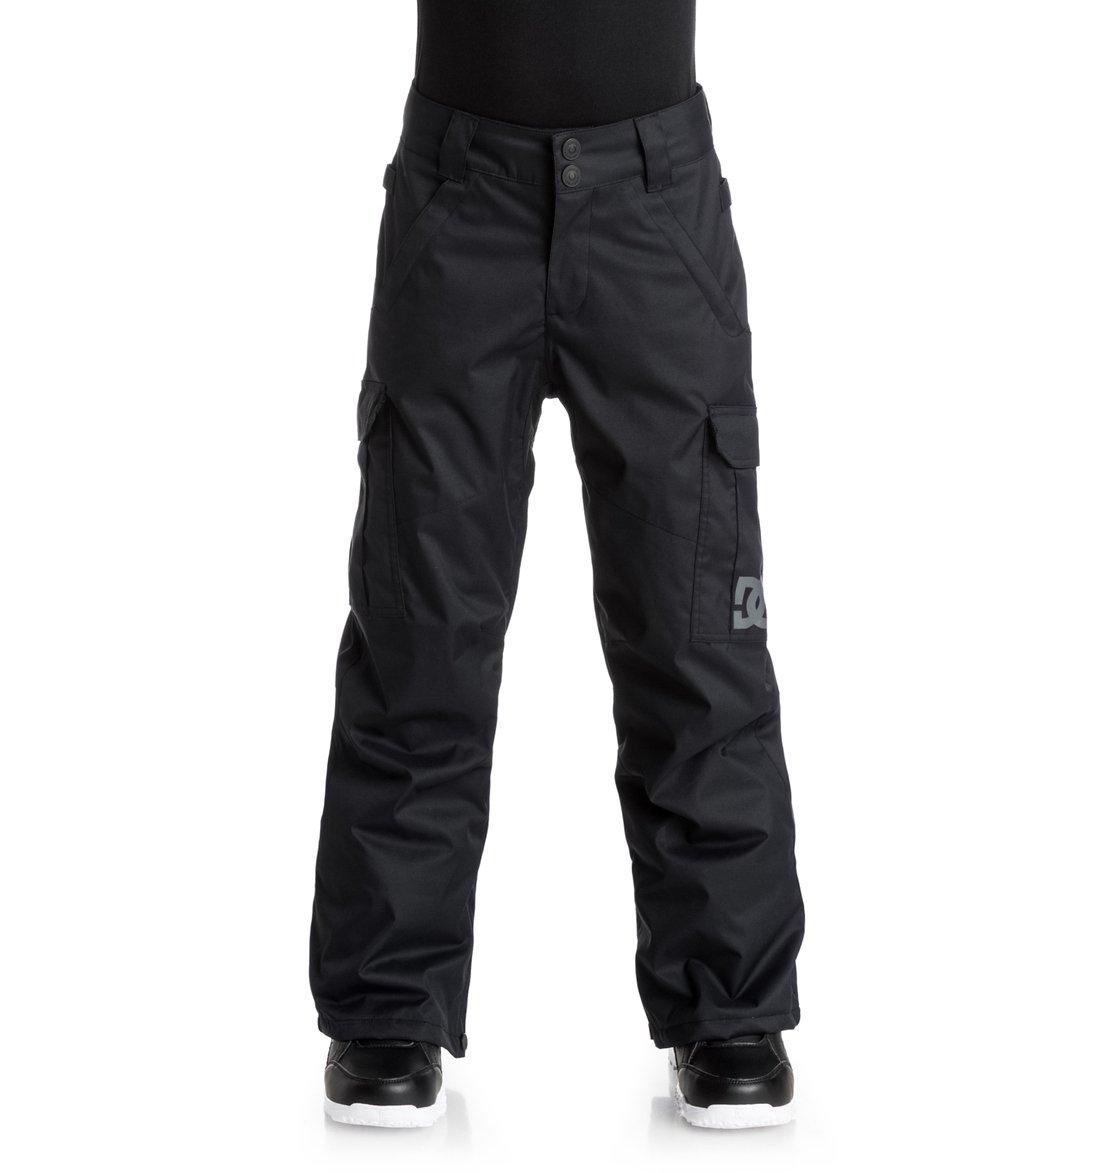 Сноубордические штаны Banshee